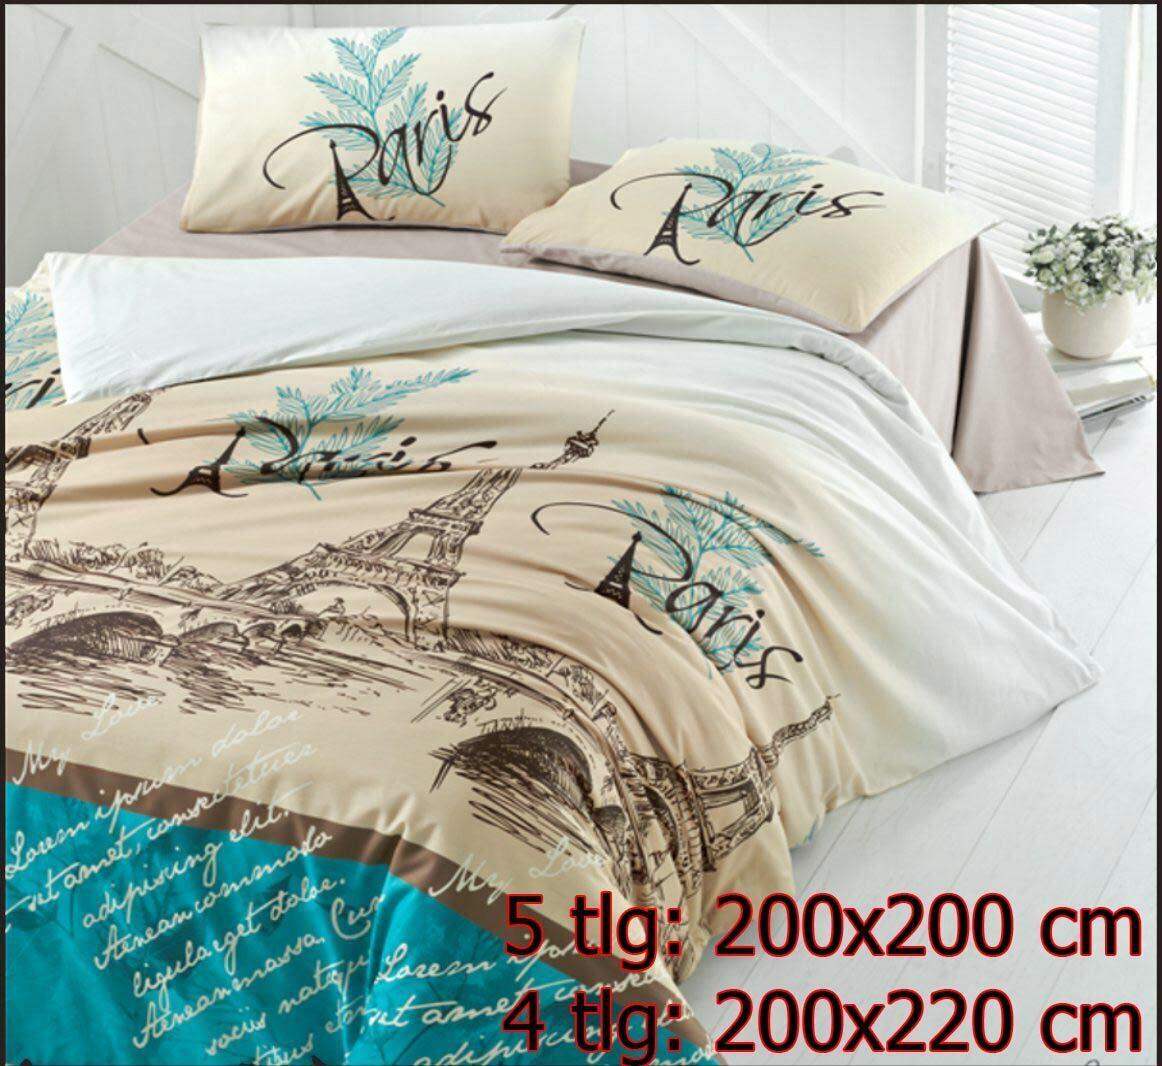 Bettwäsche 200x220   200x200 cm Bettgarnitur Bettbezug 100% Baumwolle PARIC